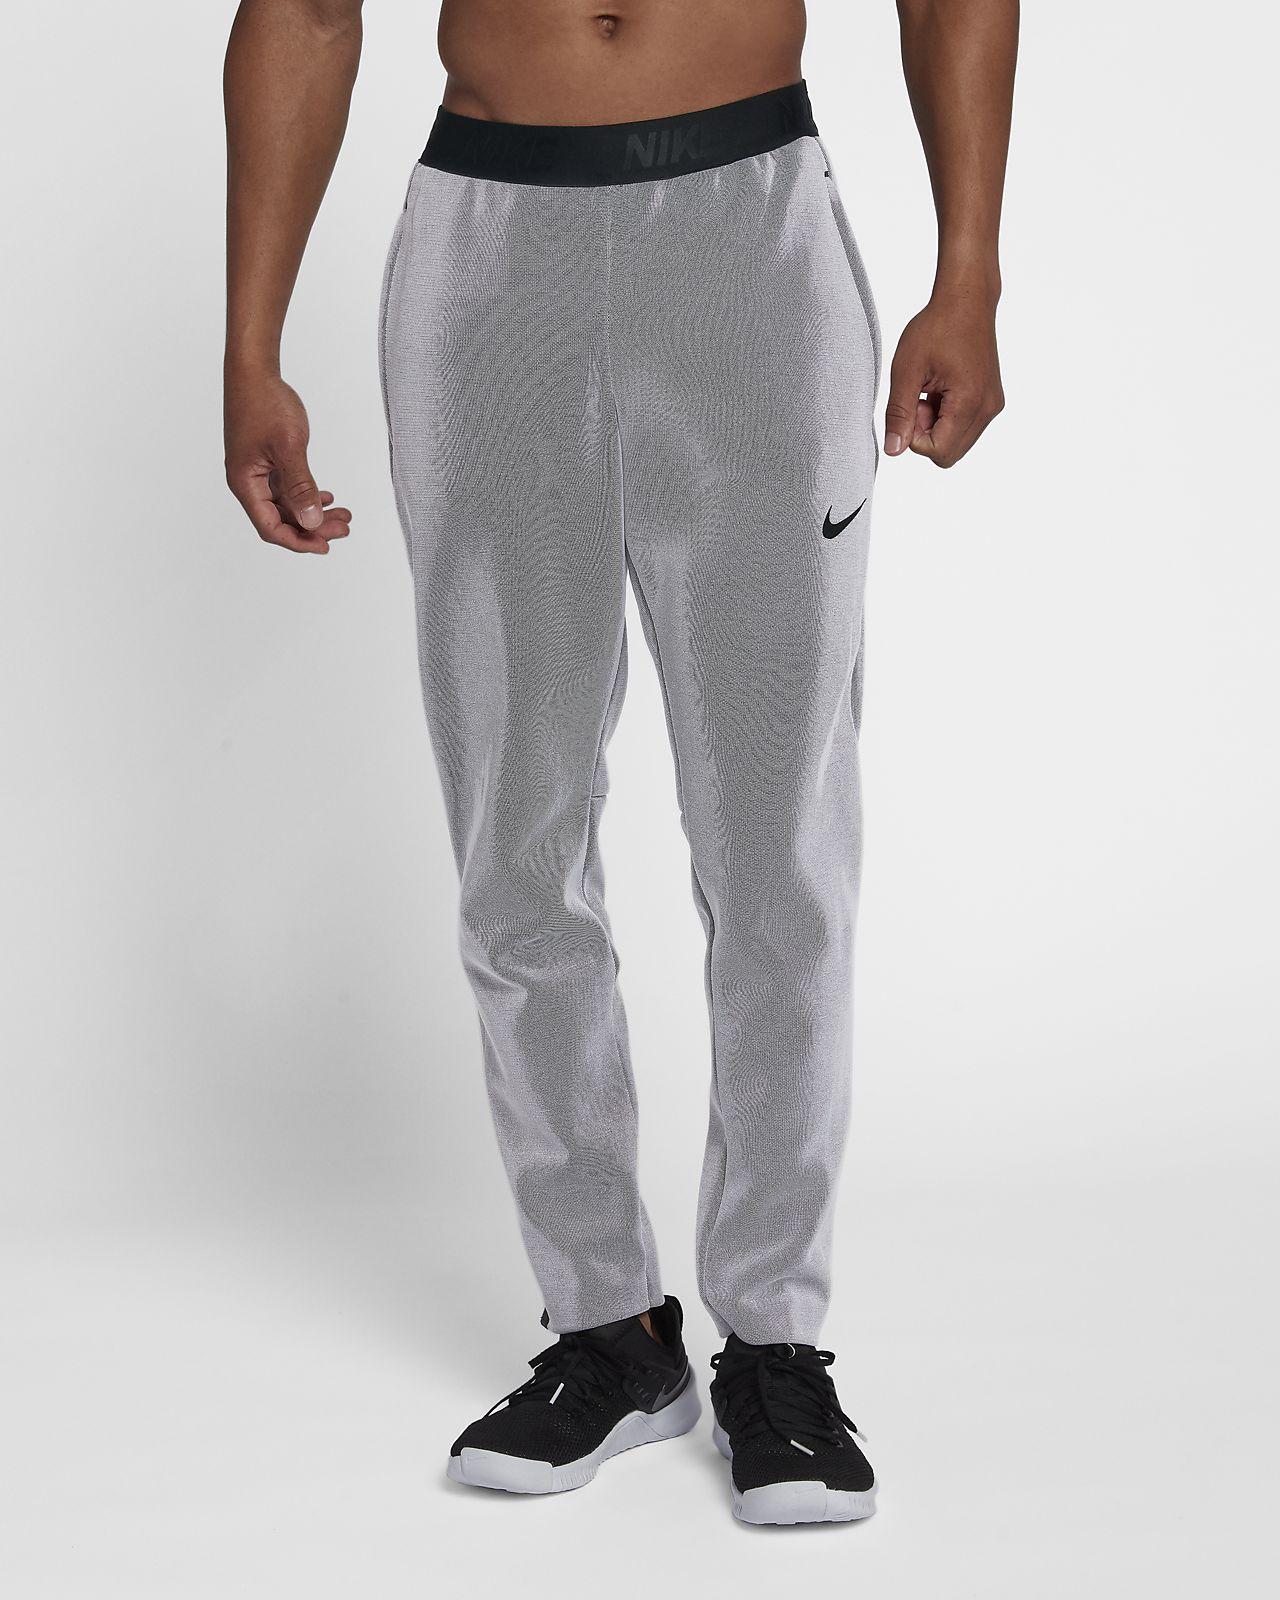 Ανδρικό παντελόνι προπόνησης Nike Therma Sphere Max